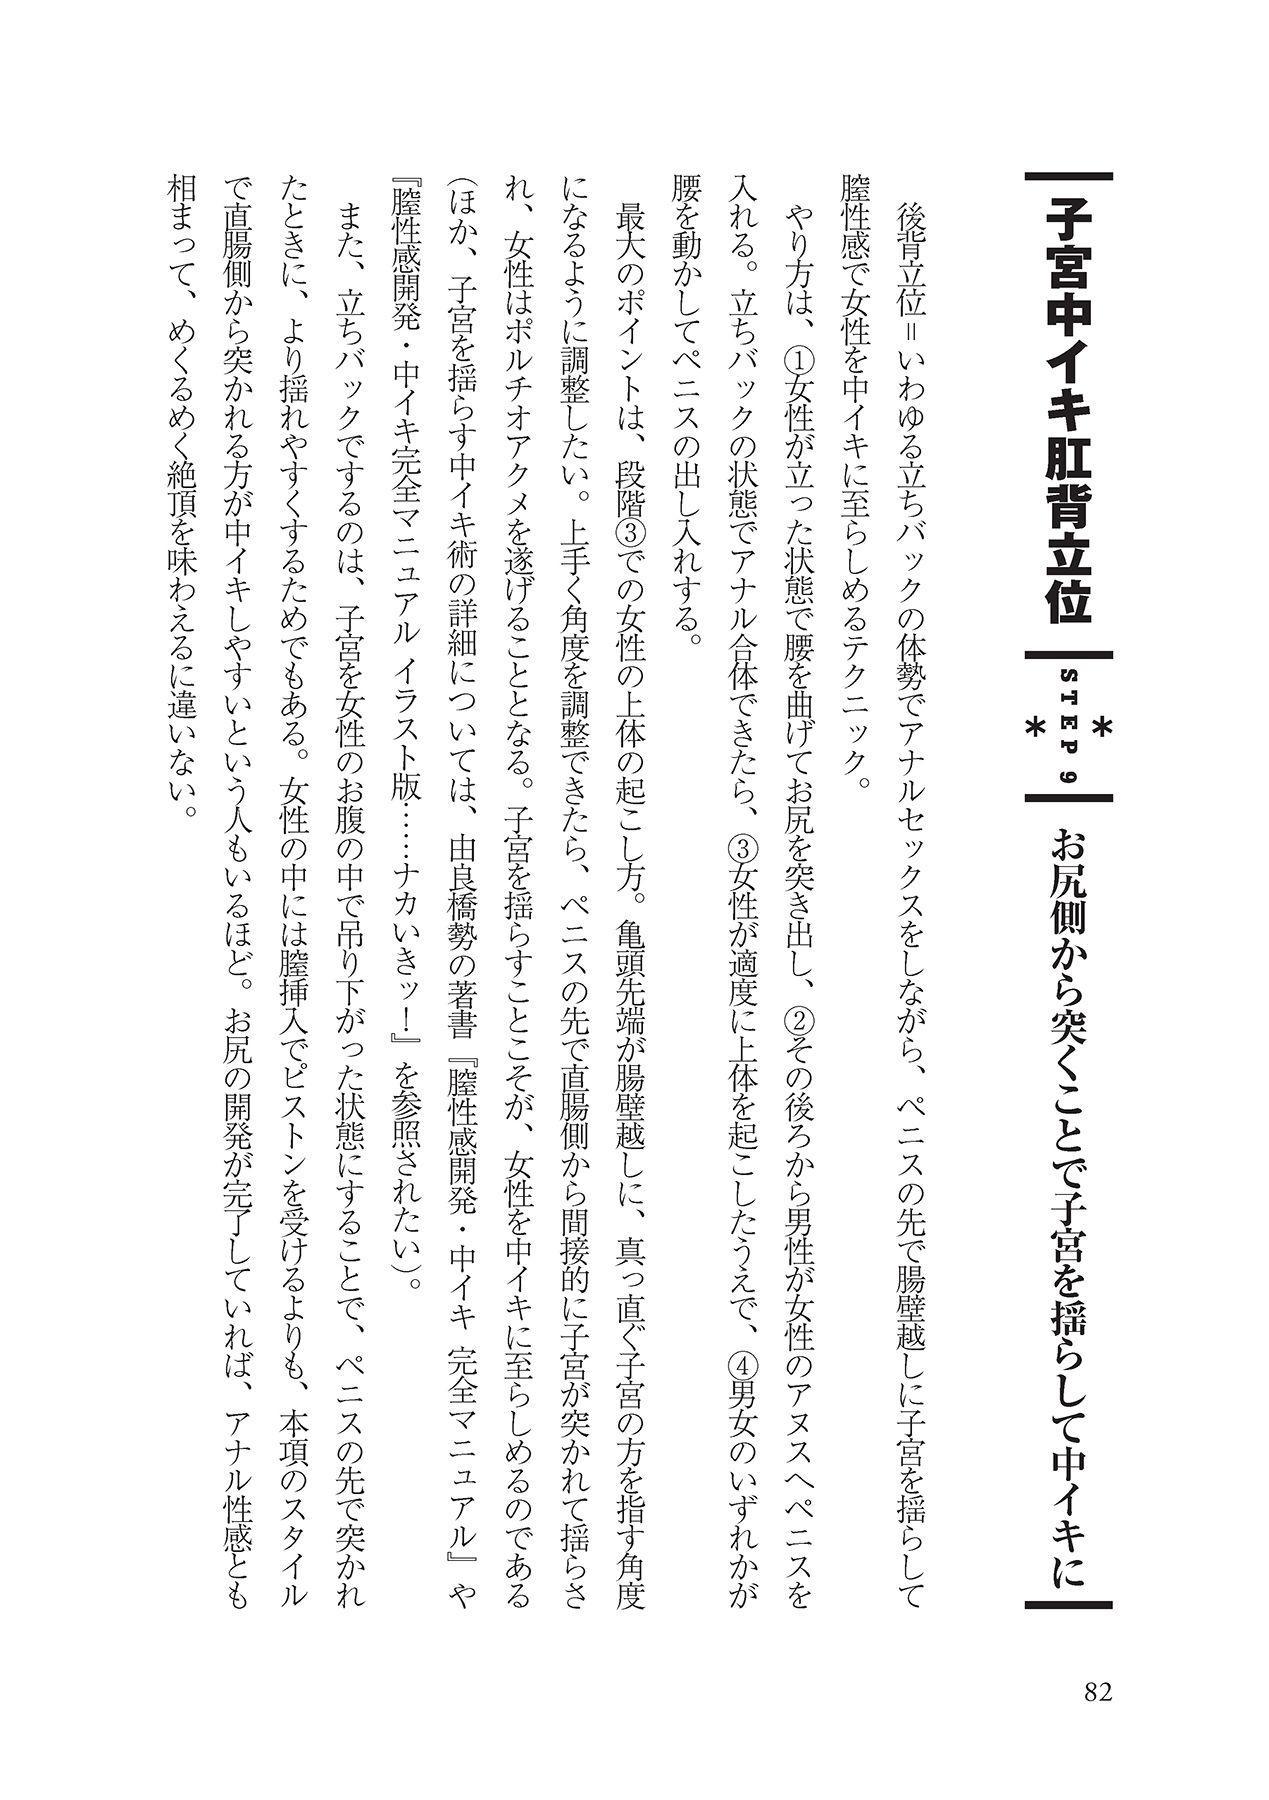 アナル性感開発・お尻エッチ 完全マニュアル 83